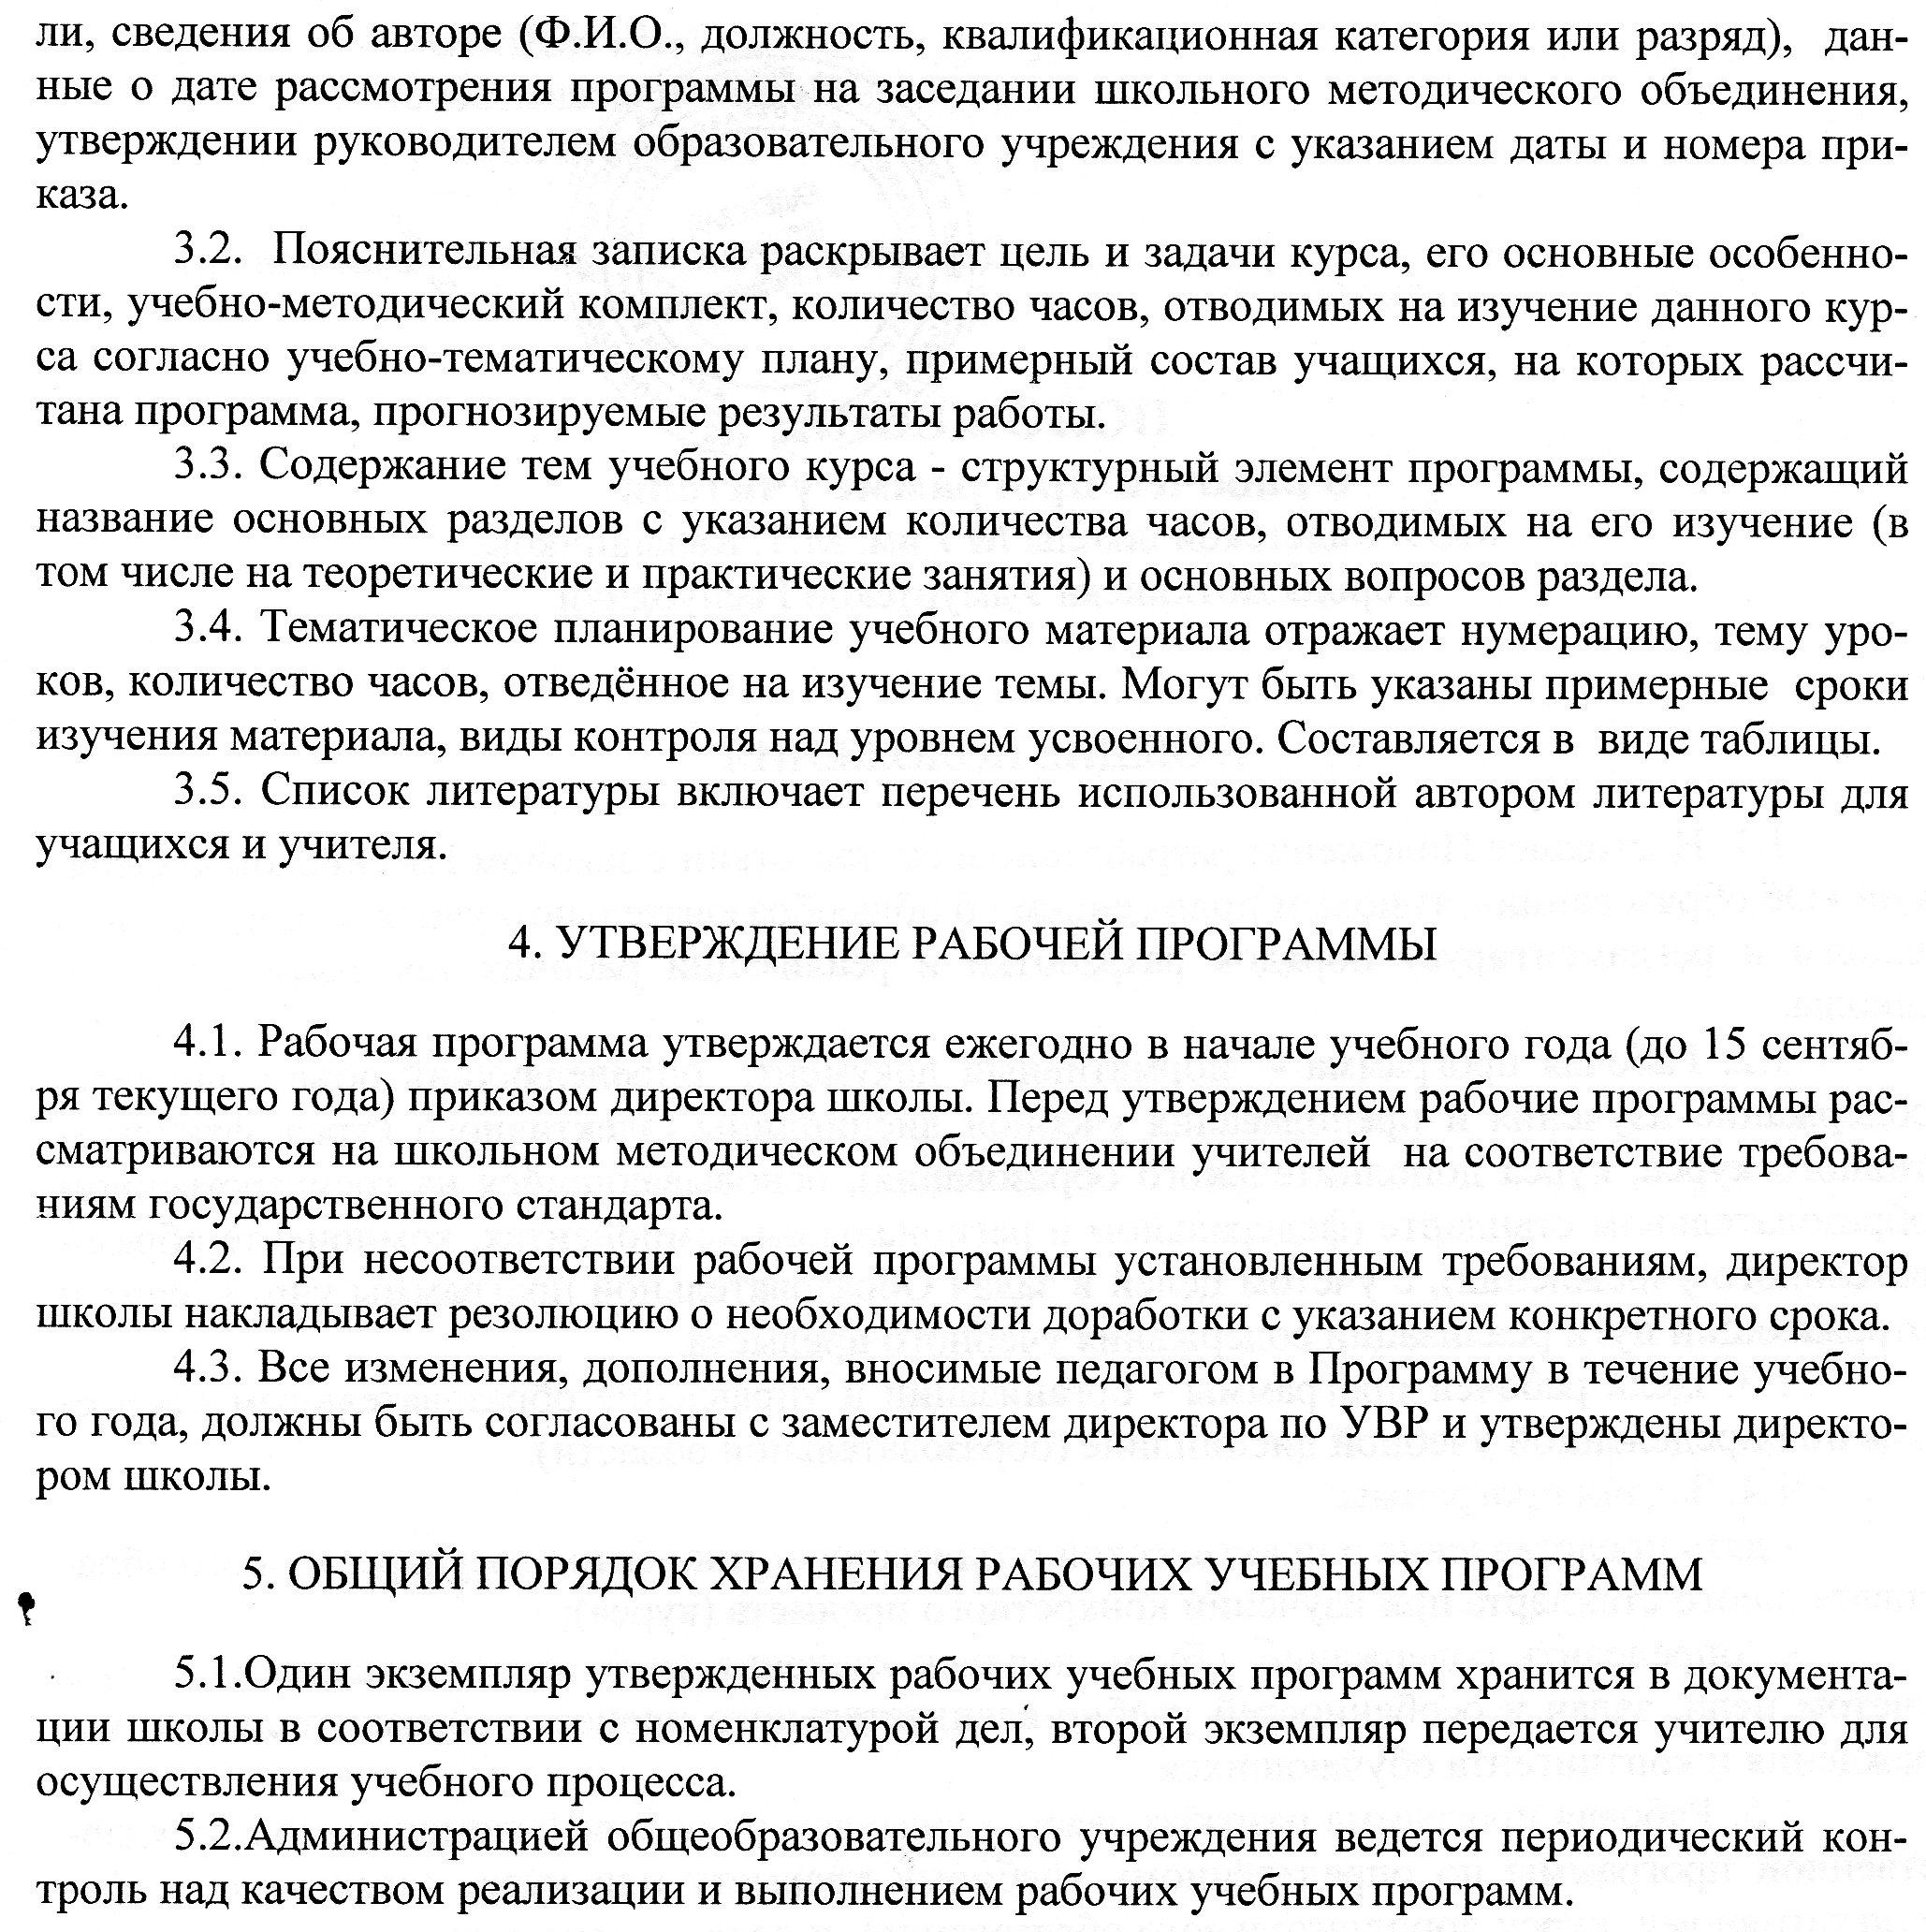 приказ о доработке образовательных программ